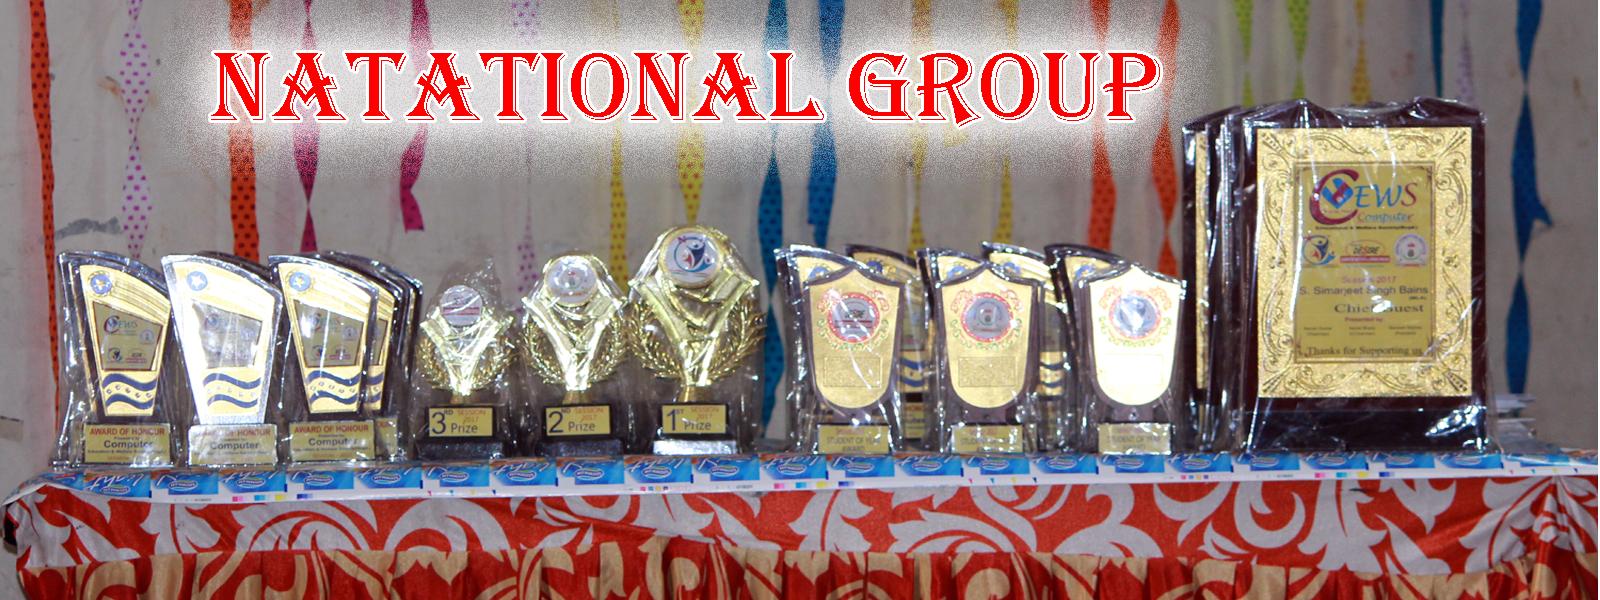 natational group 03